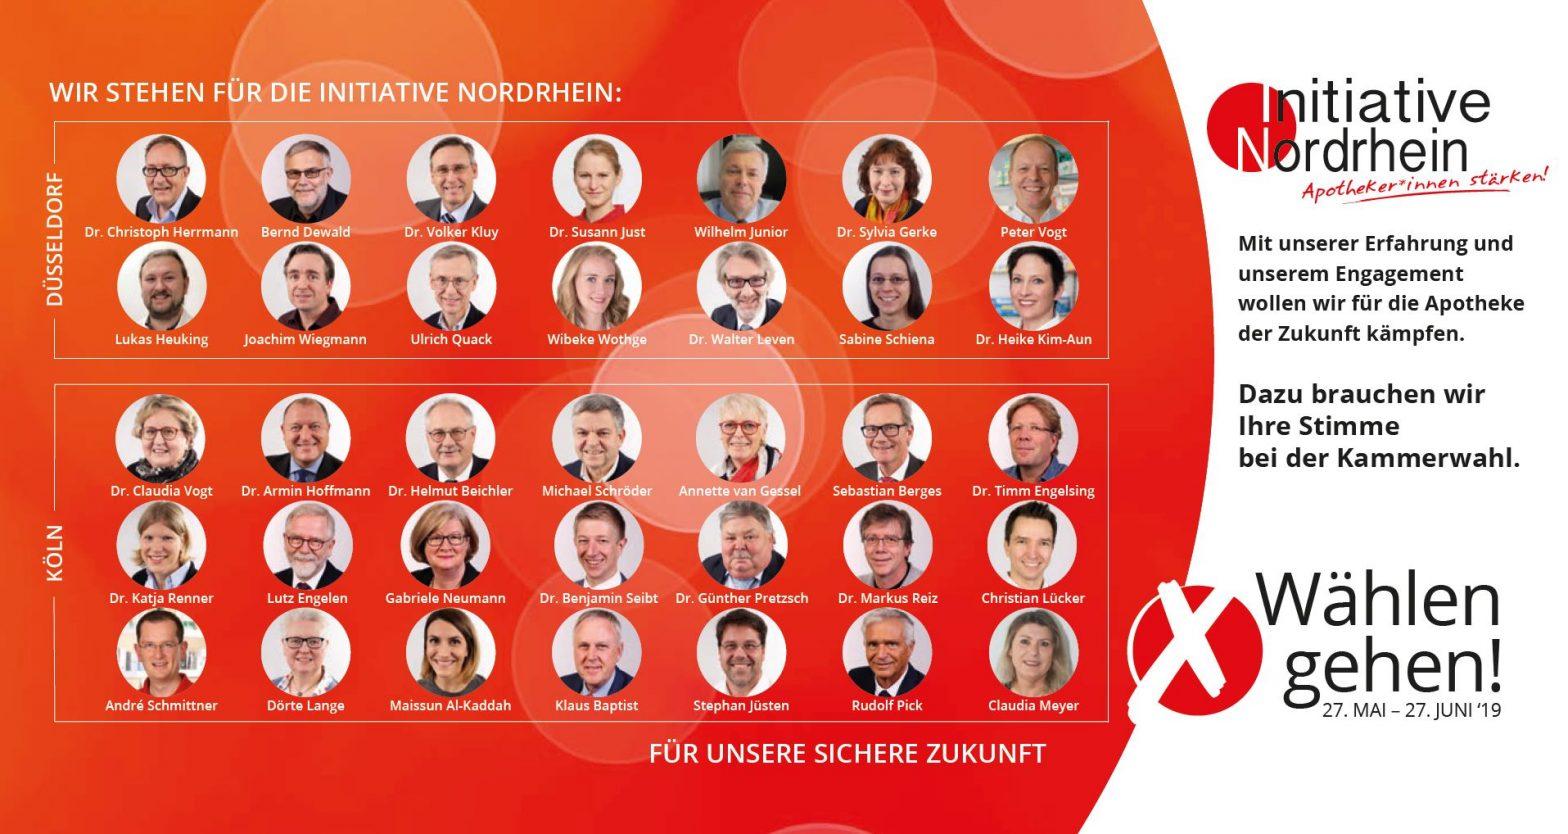 Initiative Nordrhein - Karte zur Kammerwahl